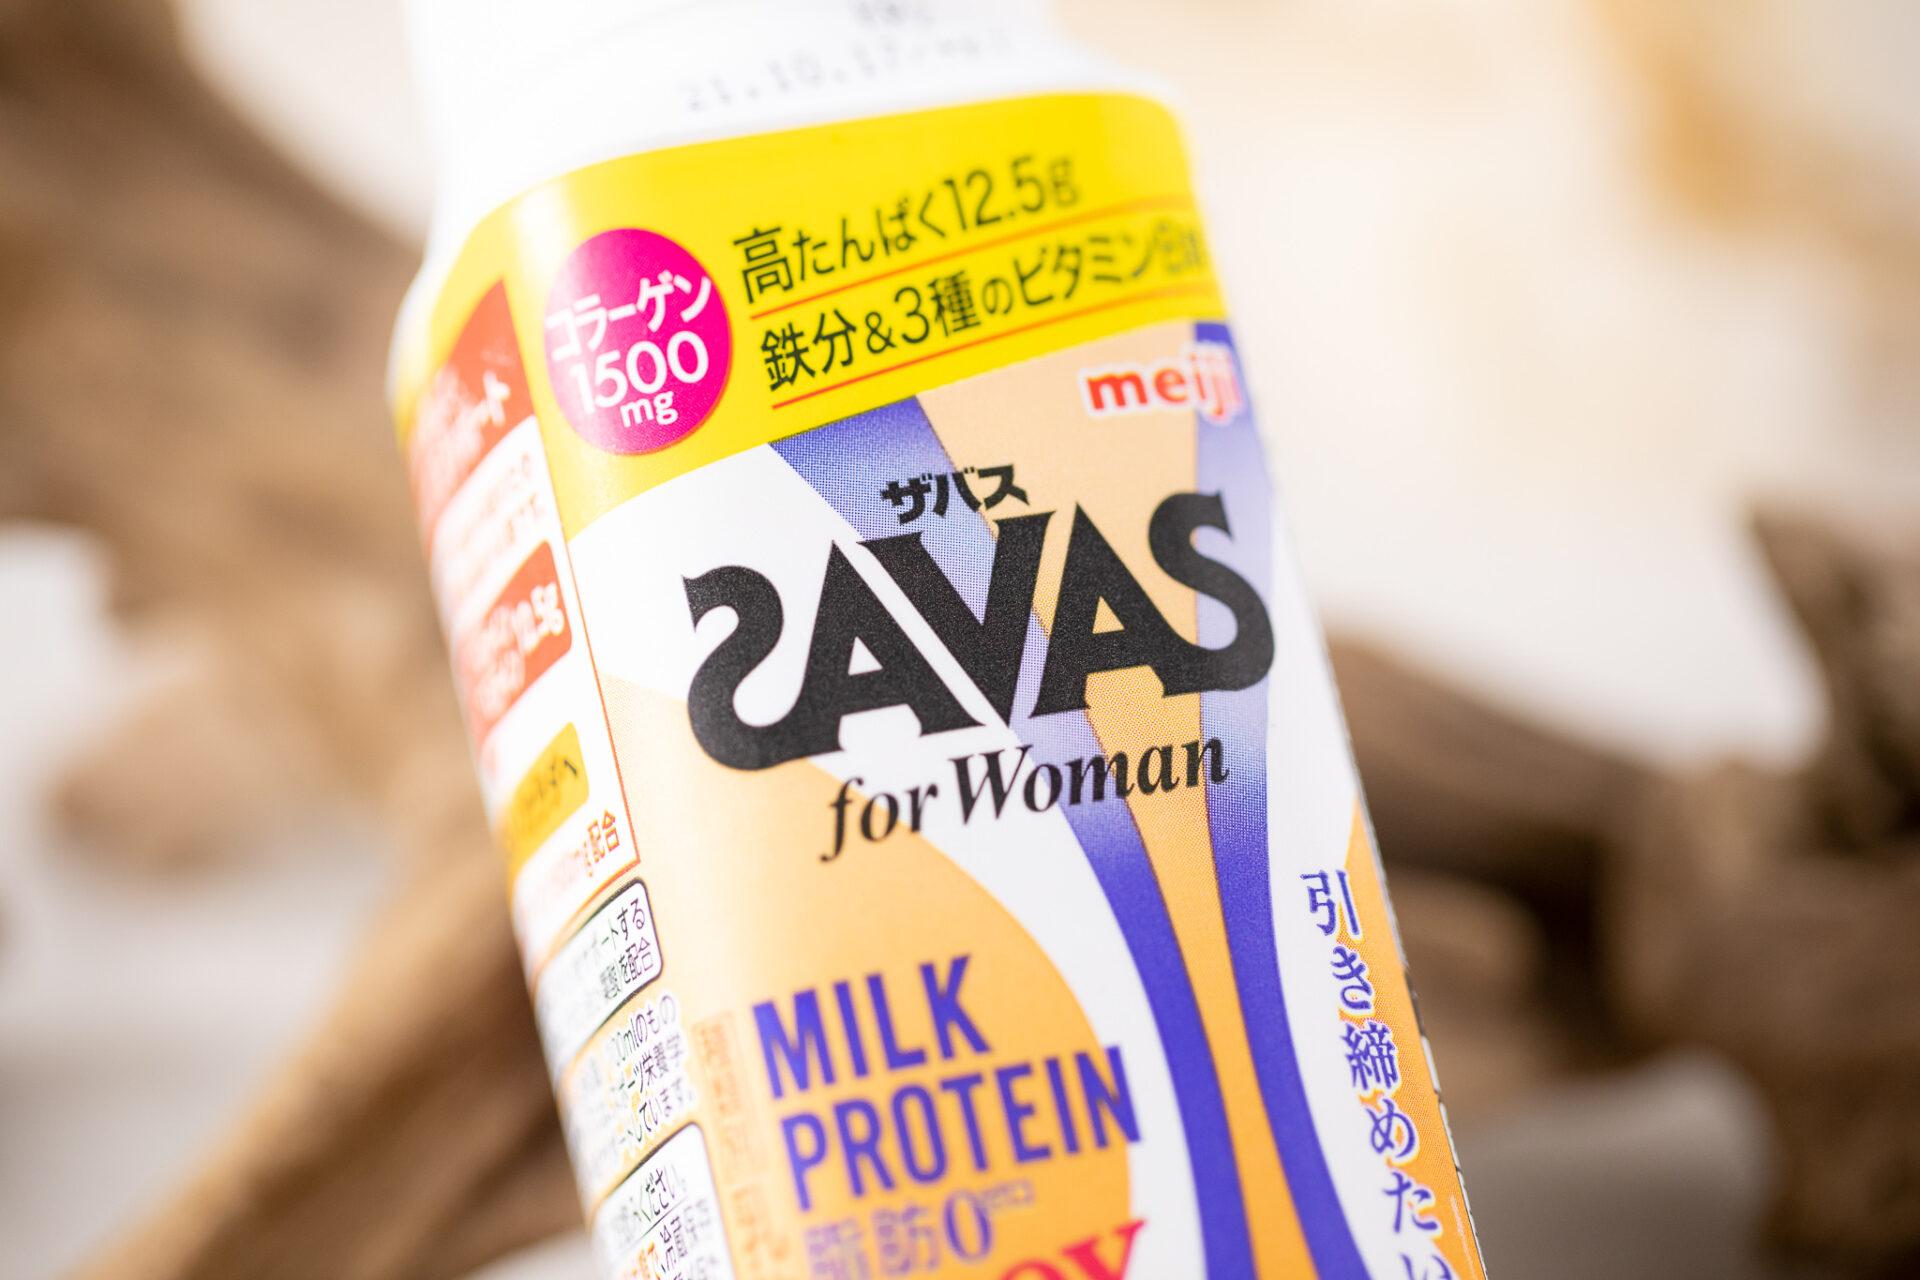 明治『(ザバス for Woman)MILK PROTEIN 脂肪0+SOY ミルクティー風味 250ml』